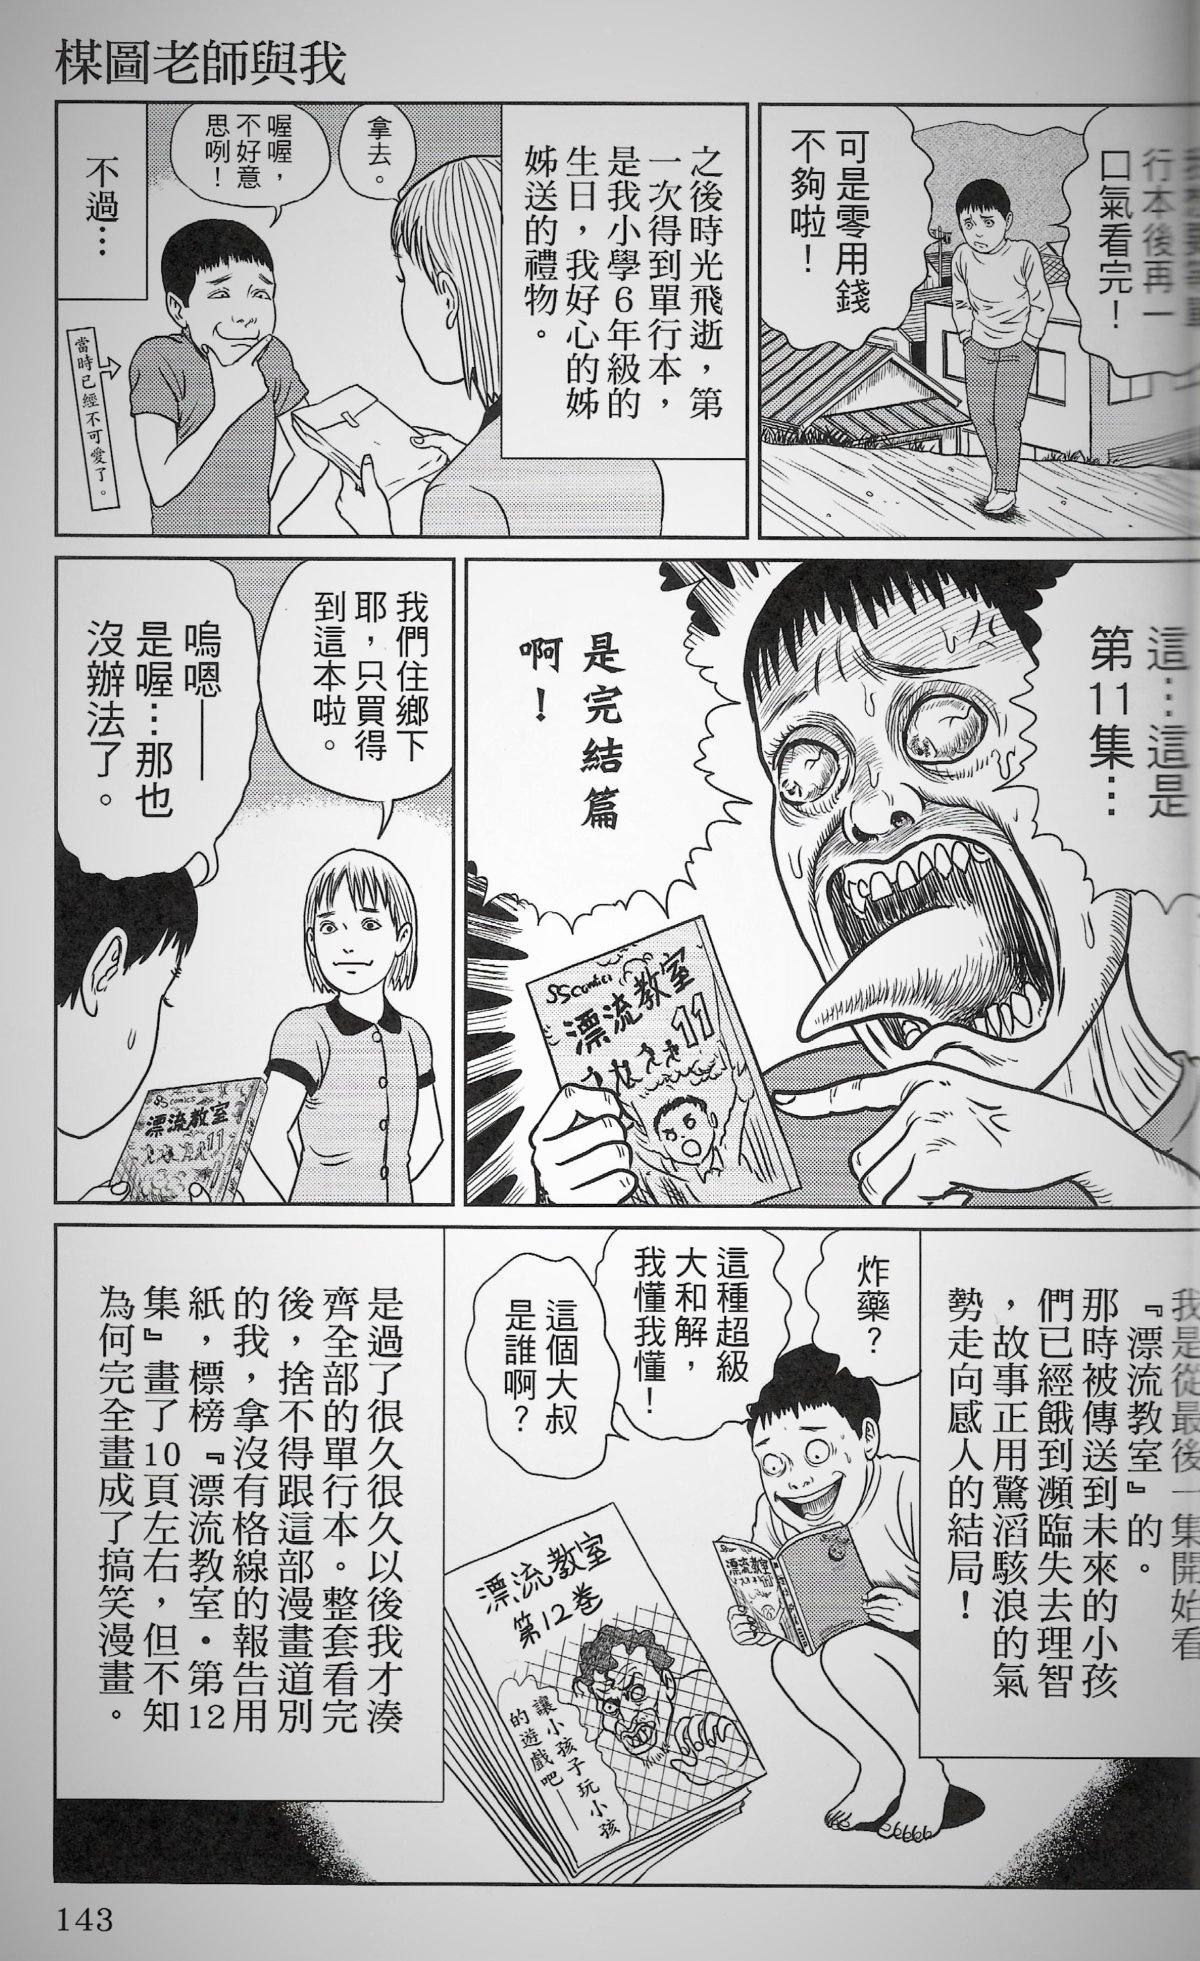 伊藤潤二只能得到第十一集《漂流教室》(前面十集在鄉下地方買不到),馬上化身成凸眼伸舌、慘絕人寰的厲鬼。